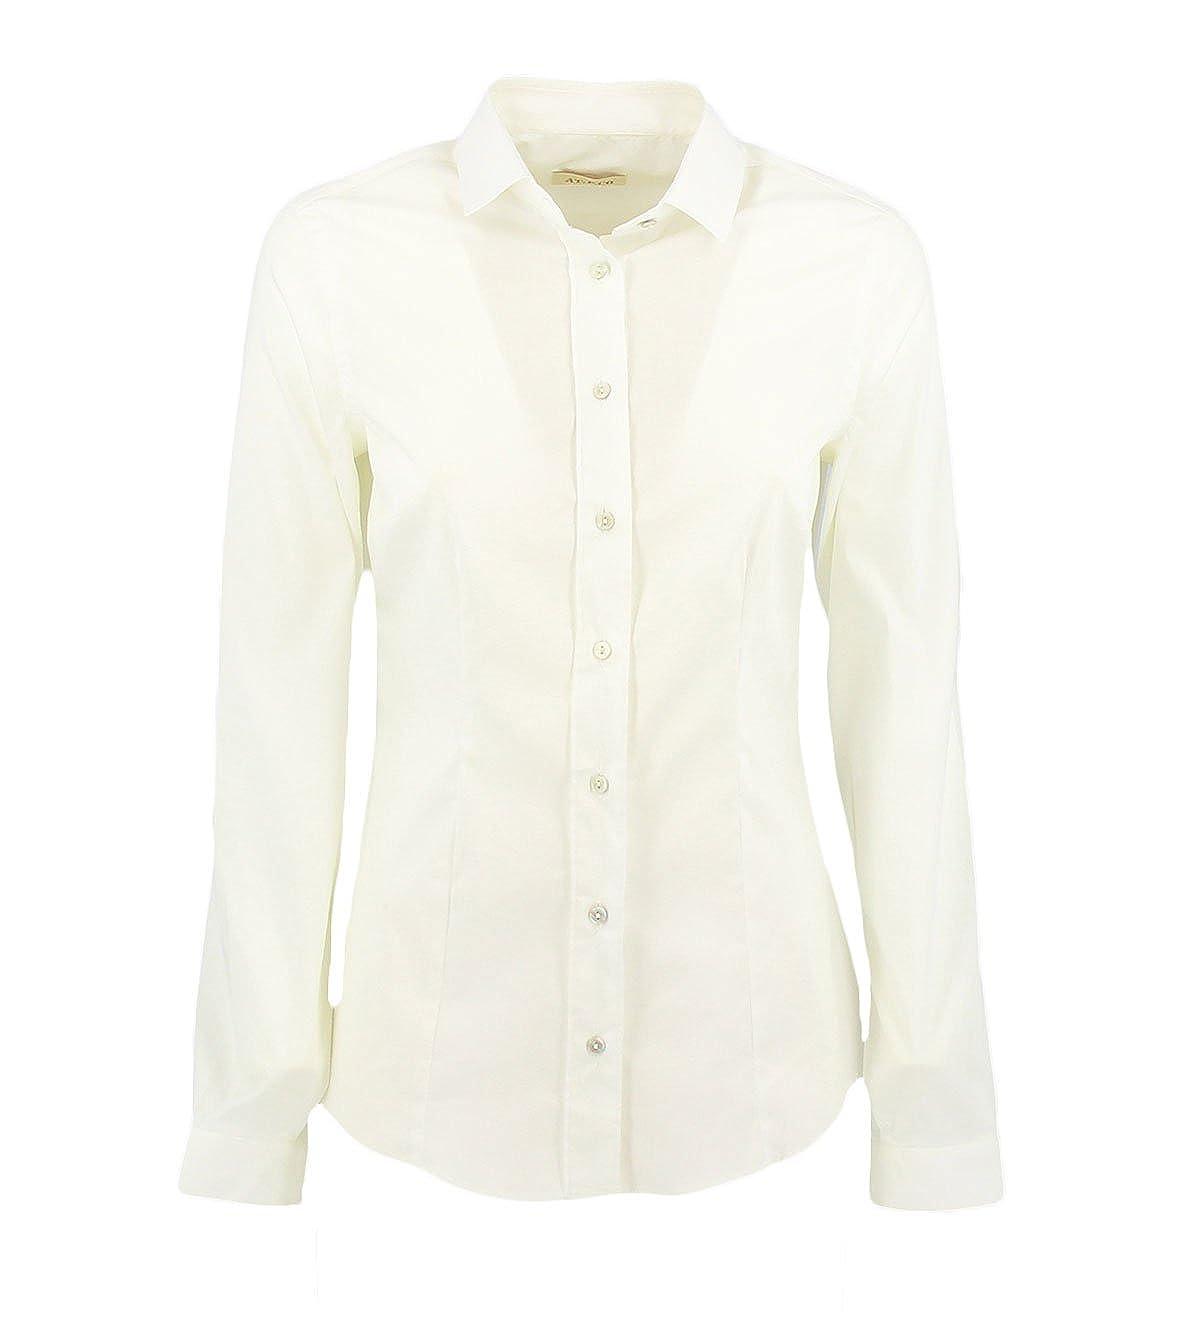 Atpco W03C01000 Camicia Woman White